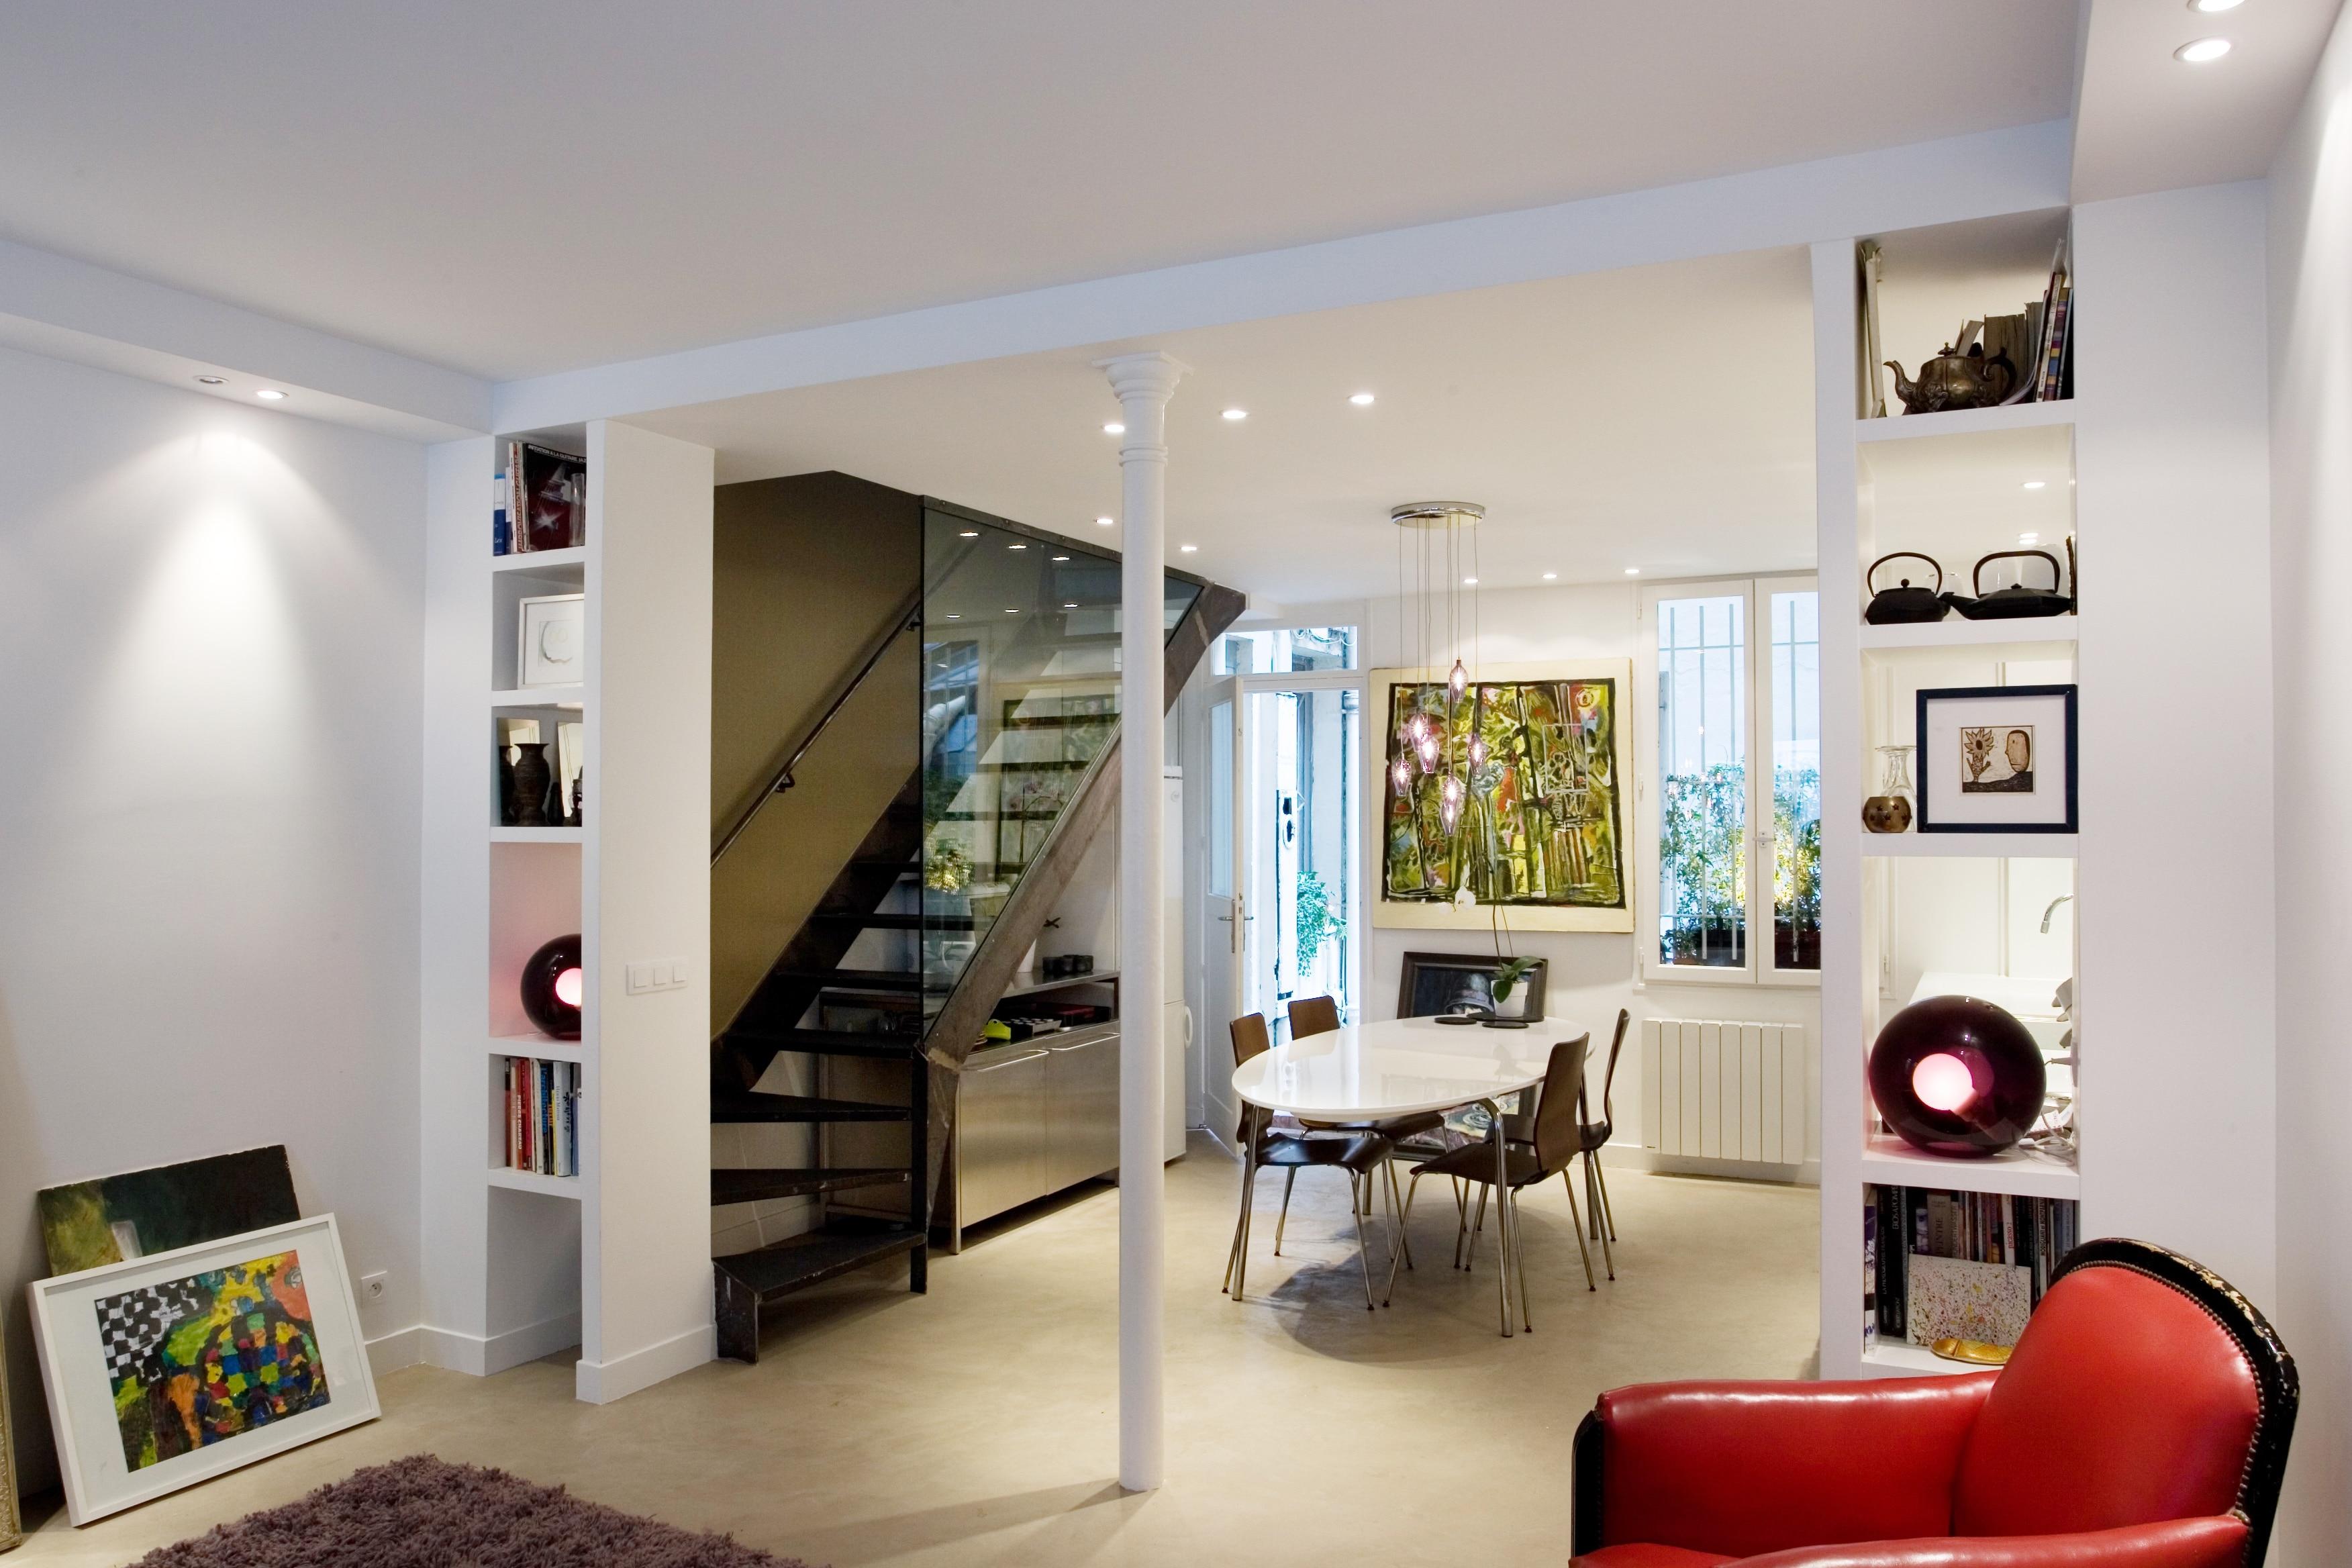 Après rénovation d'un duplex parisien, salon lumineux avec mobilier moderne